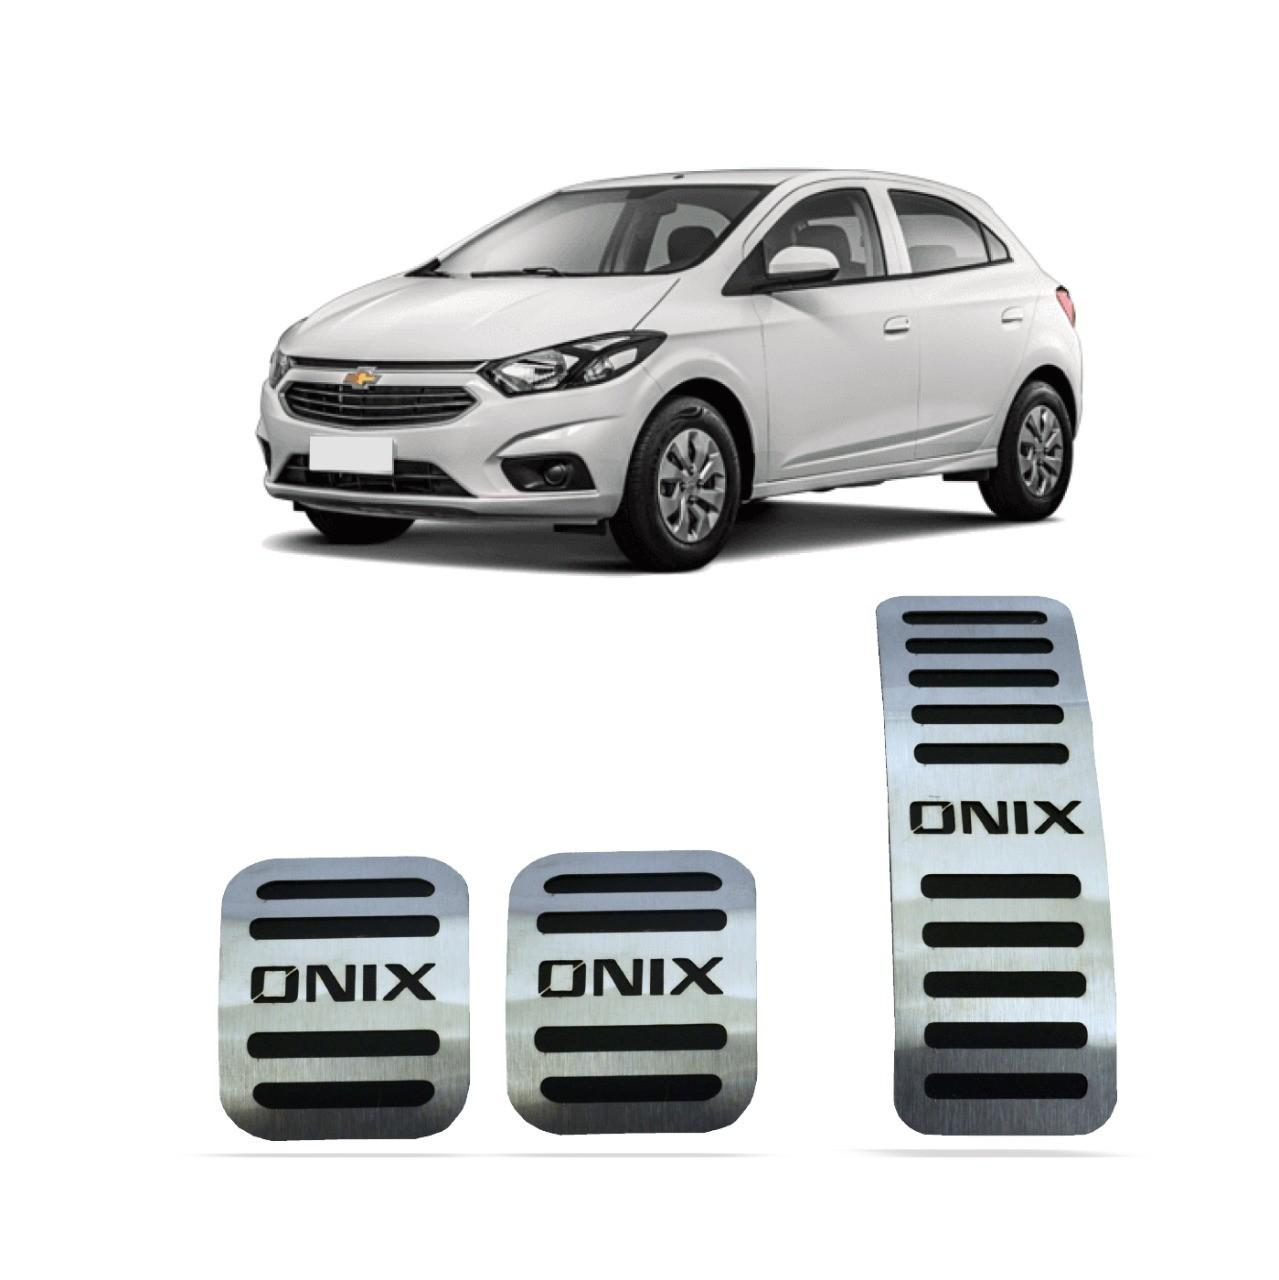 Pedaleira para Onix Manual em Aço Inox